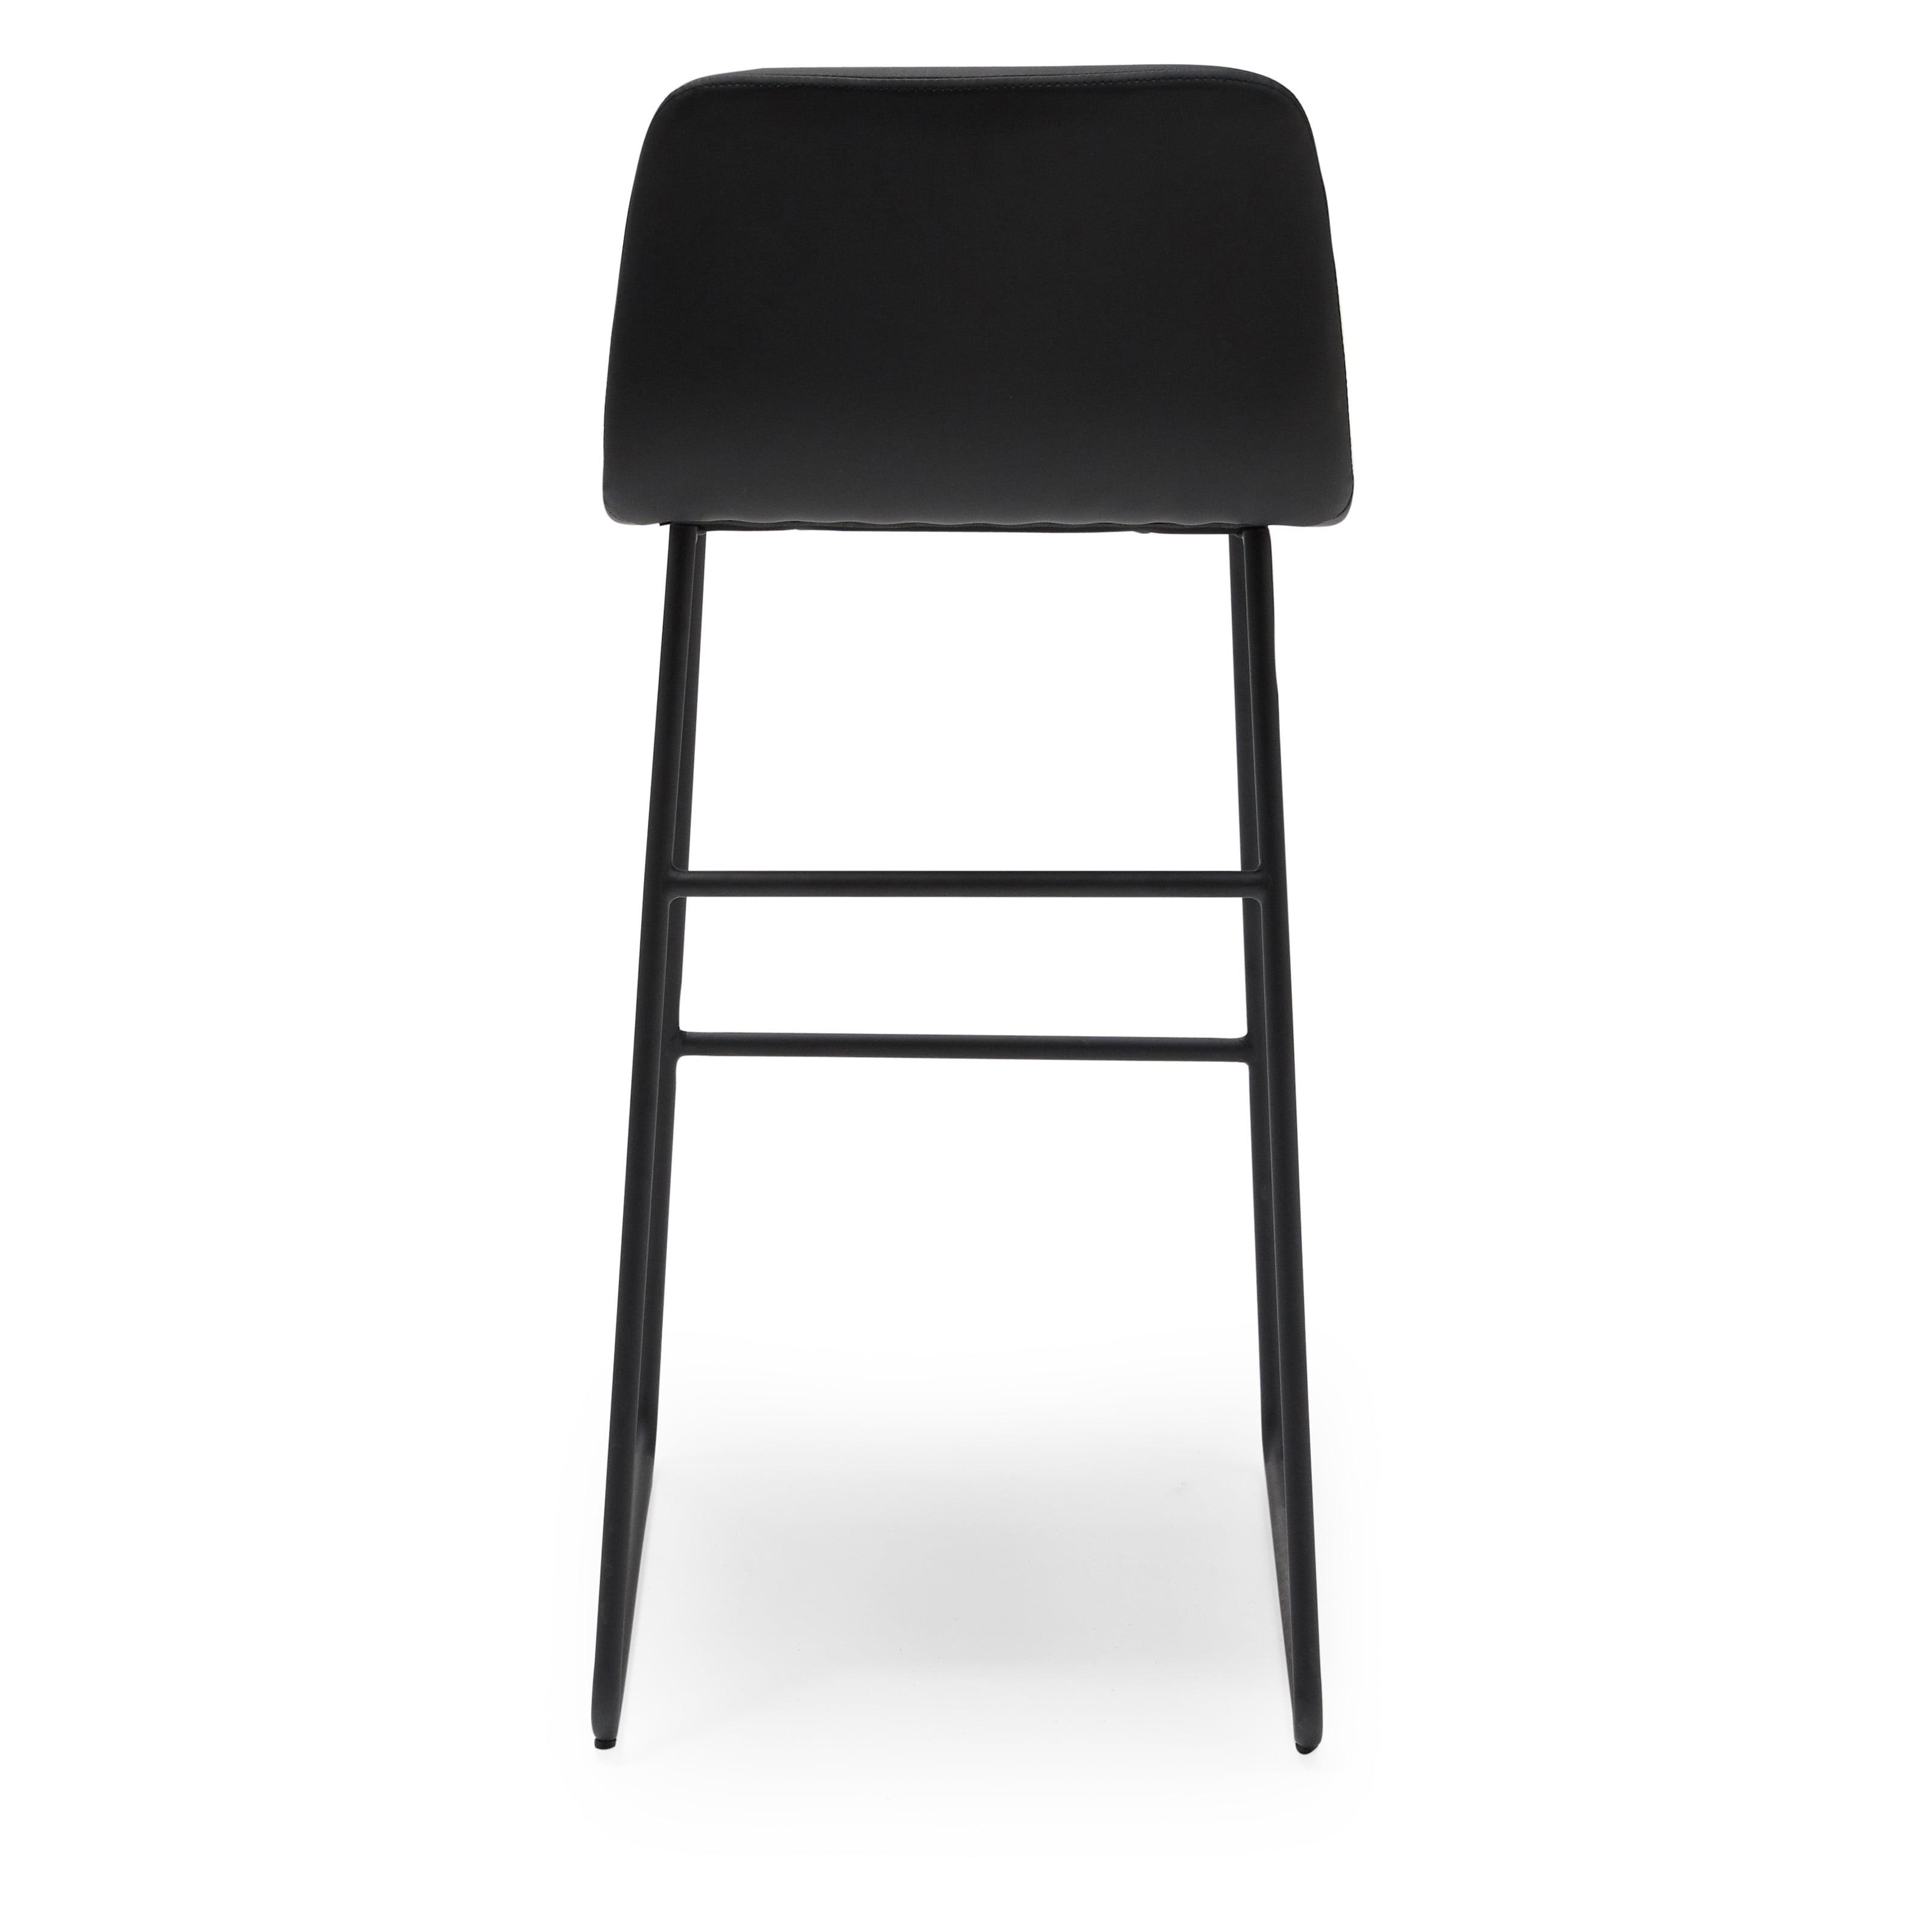 Peachy Modrn Industrial Dax Bar Stool Multiple Colors Inzonedesignstudio Interior Chair Design Inzonedesignstudiocom